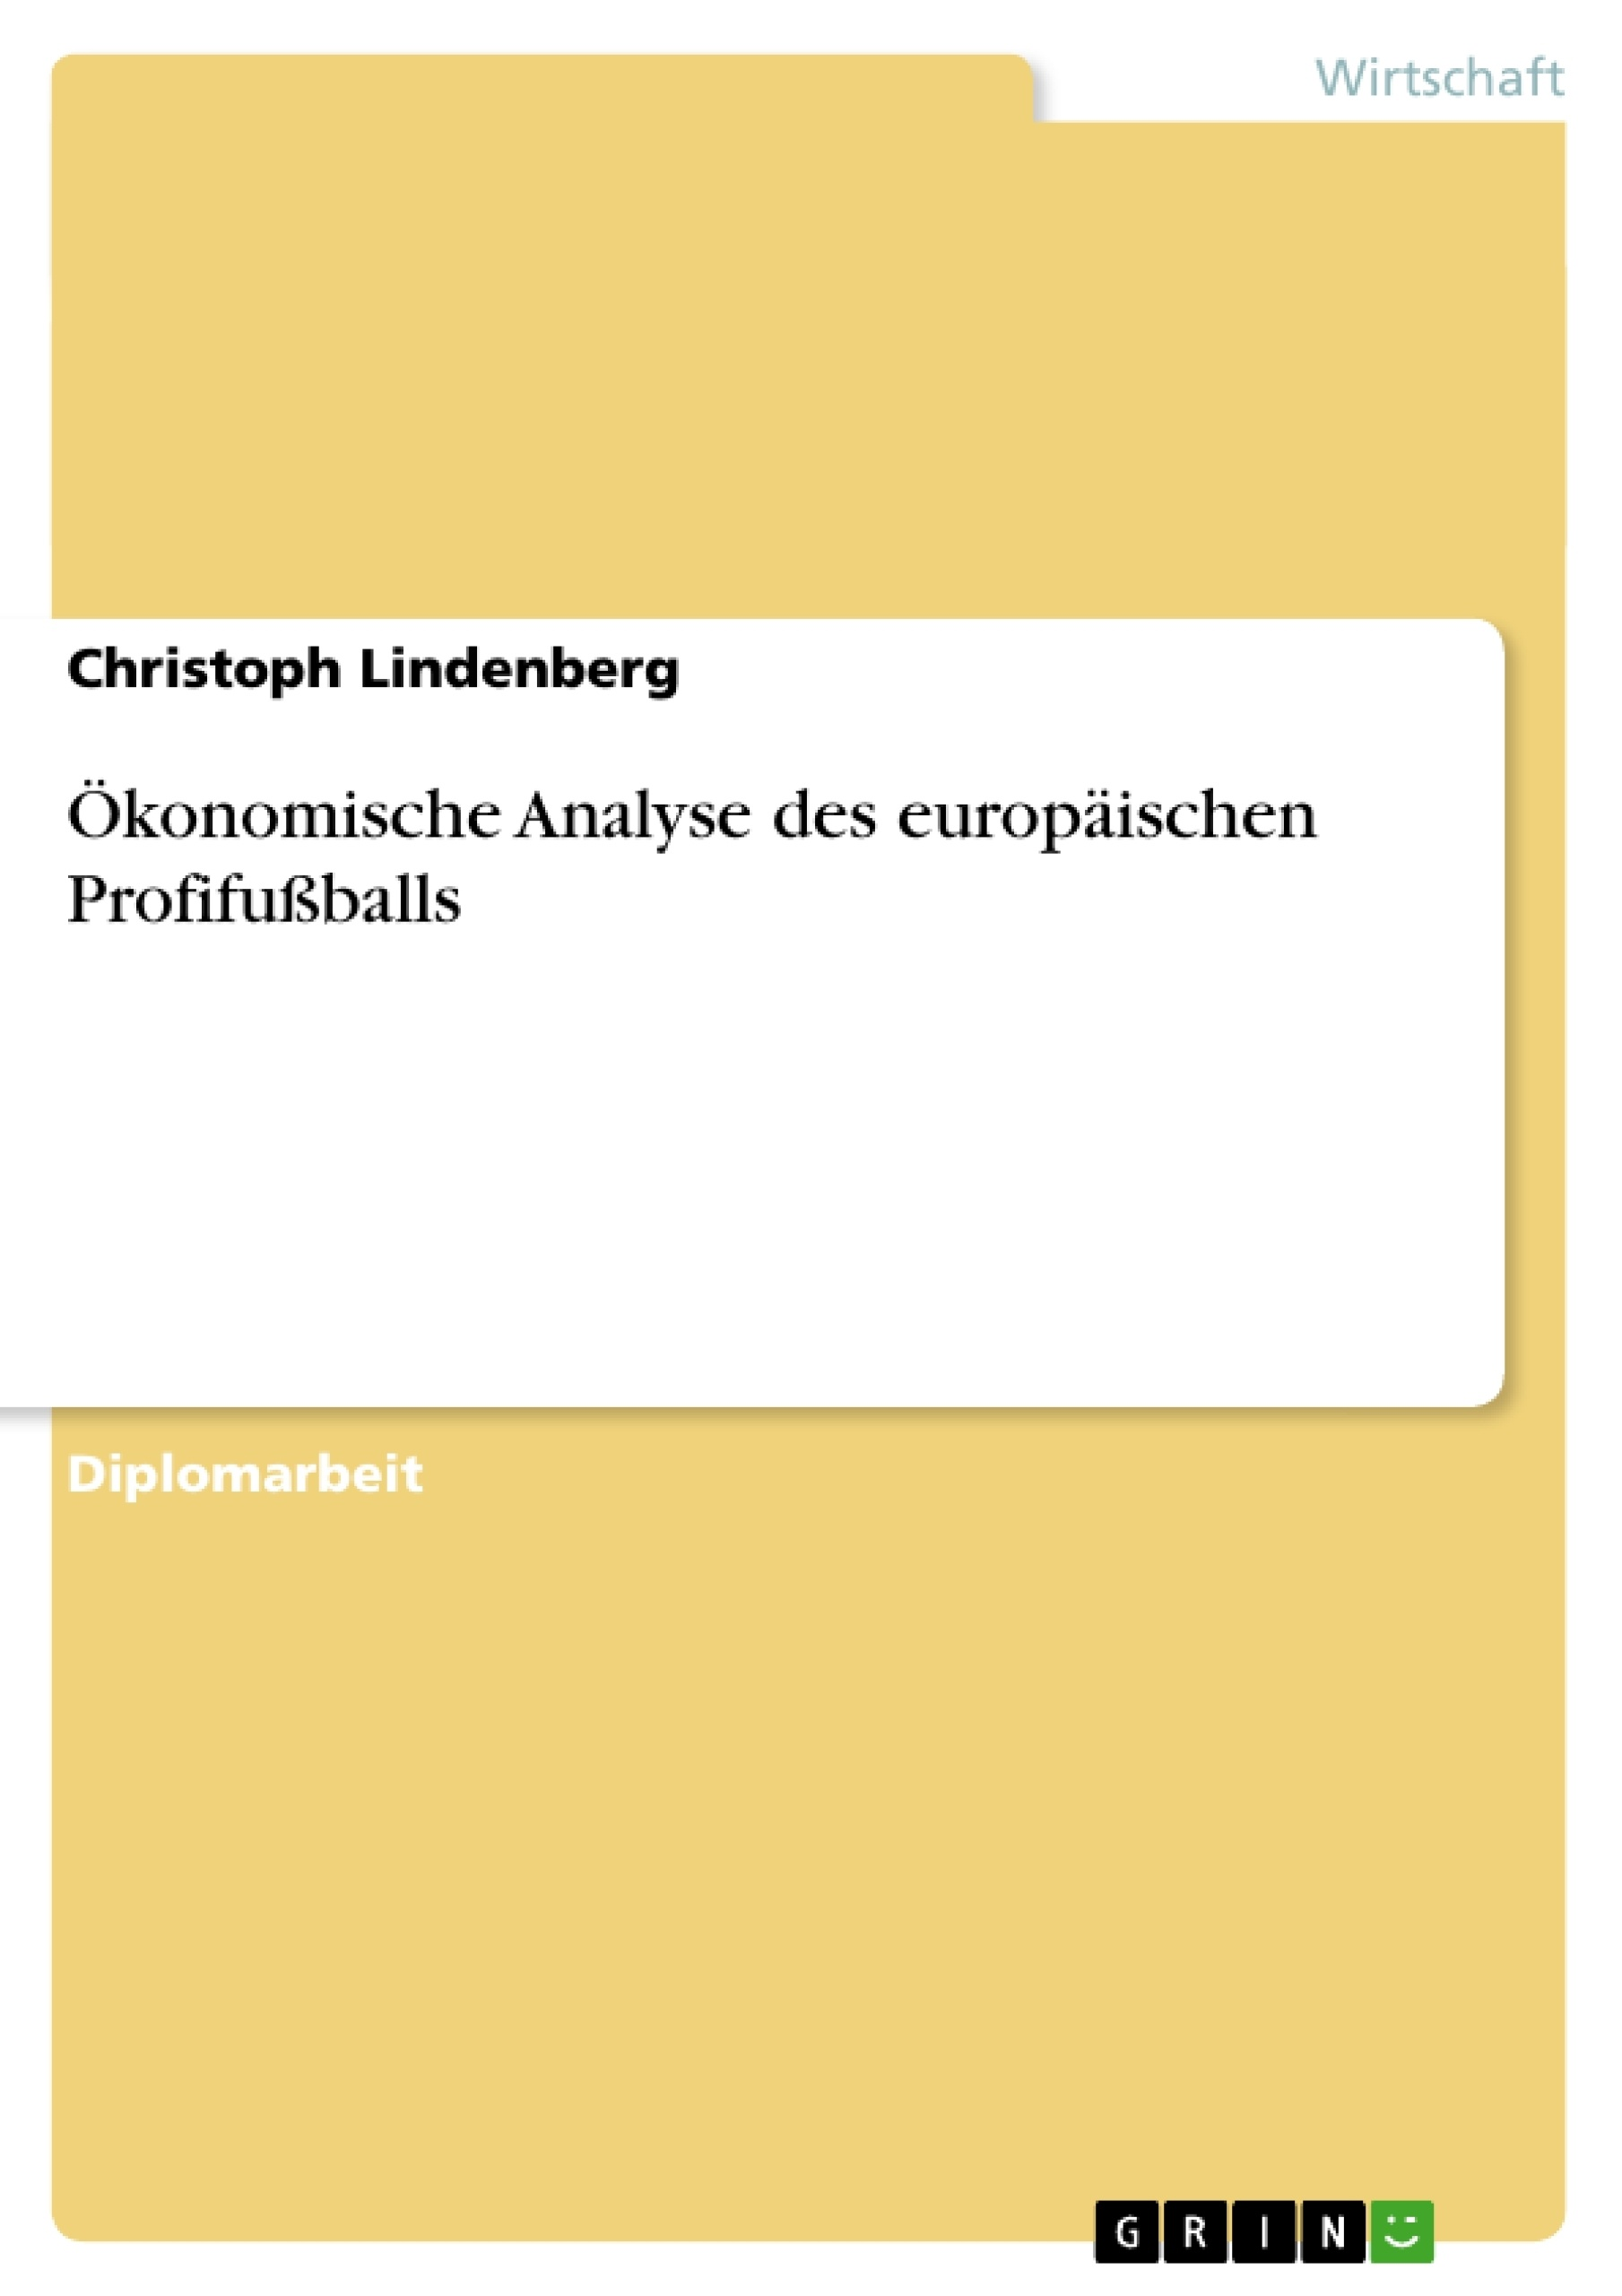 Titel: Ökonomische Analyse des europäischen Profifußballs